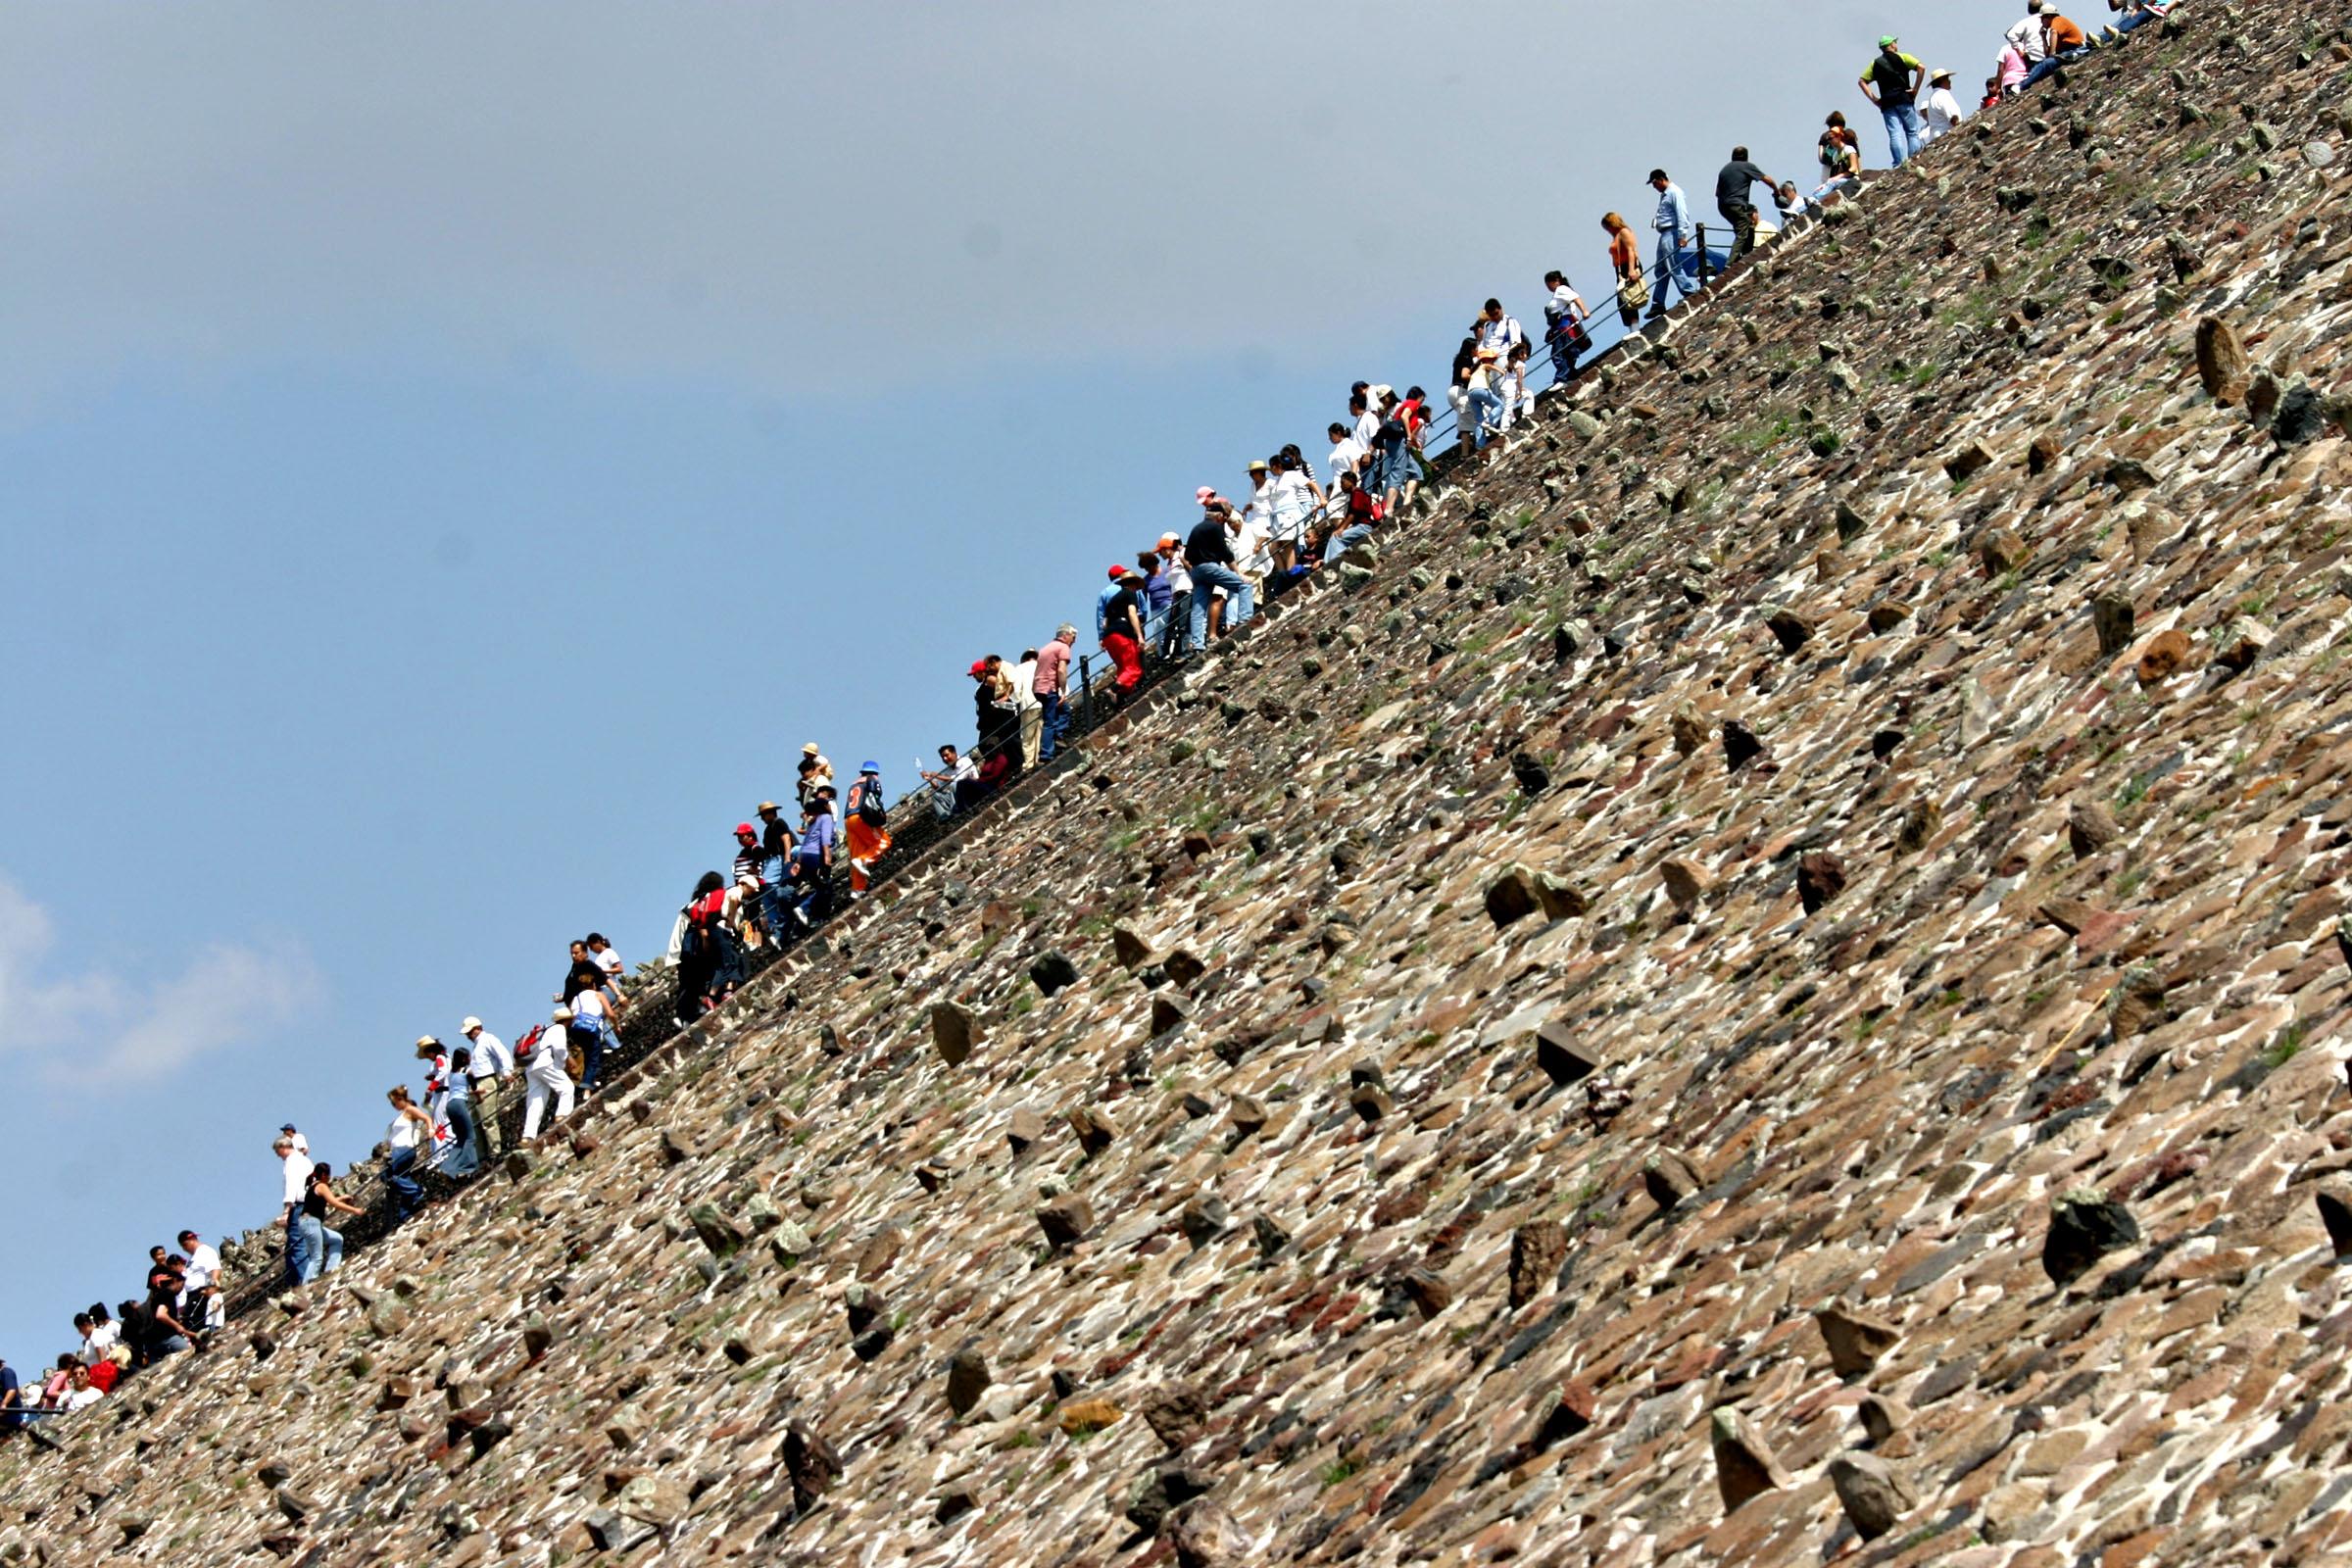 Teotihuacan-Walmart, Tribune News